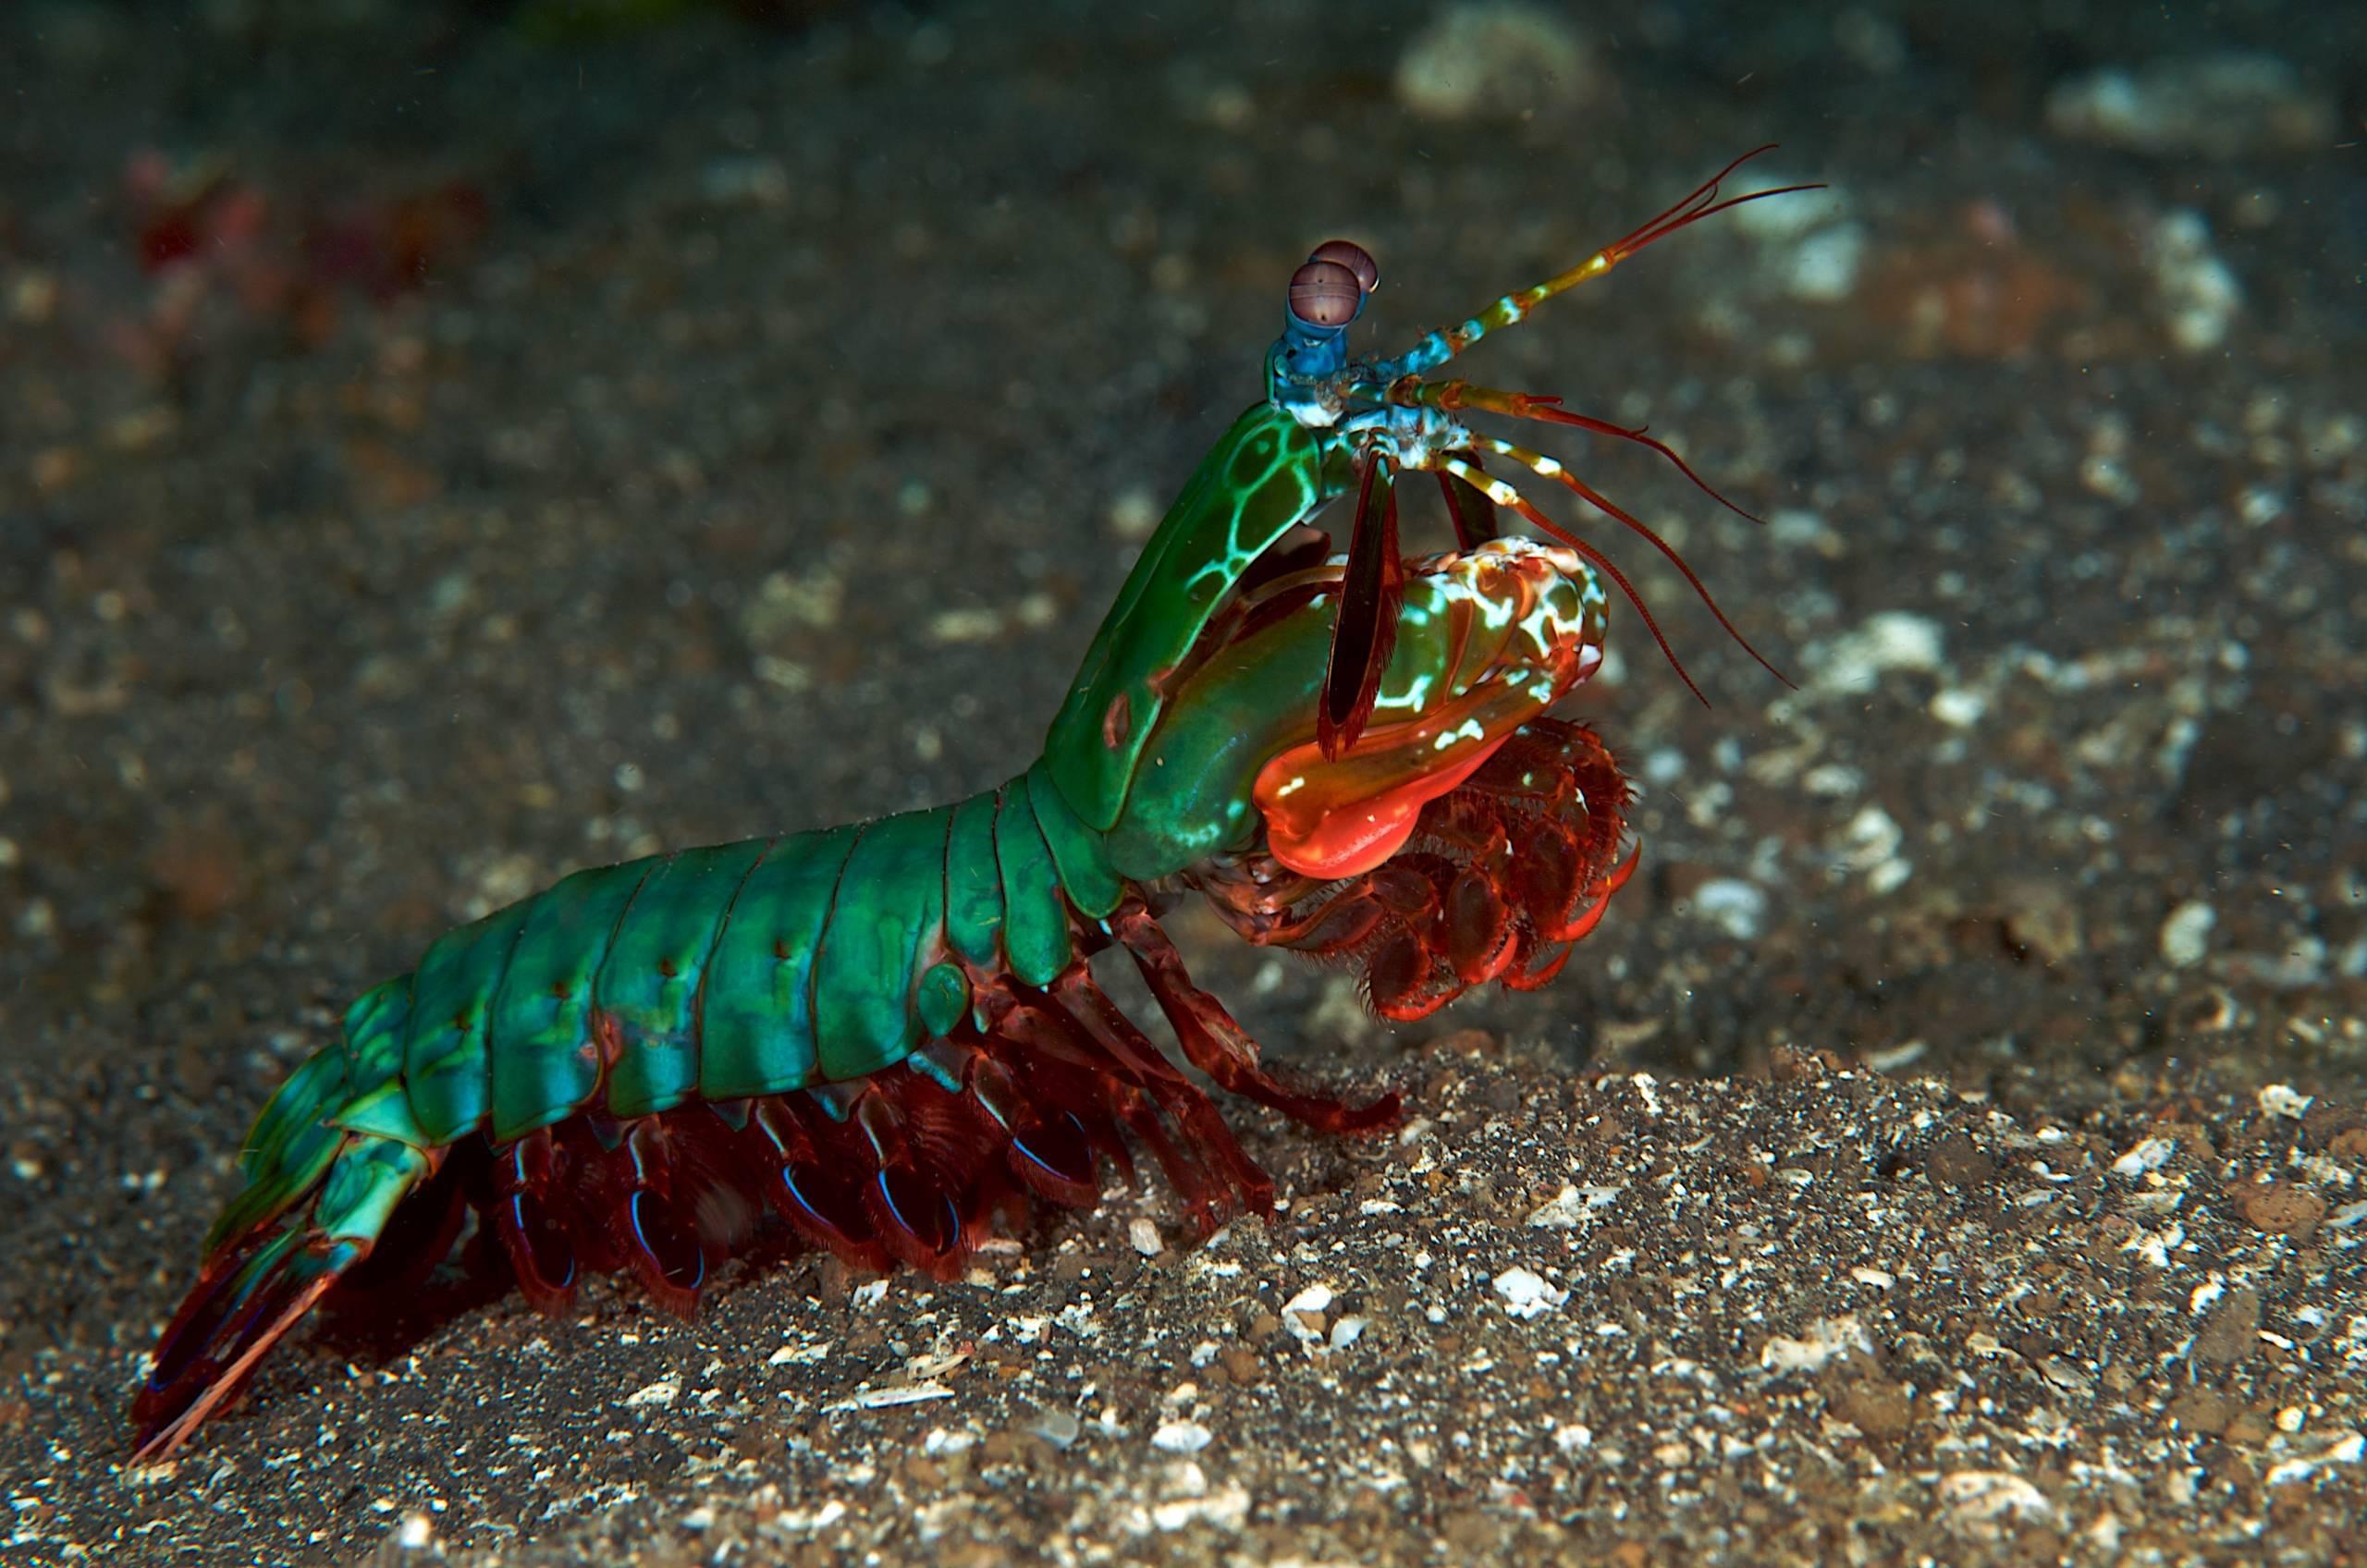 Mantis Shrimp High Quality Wallpapers